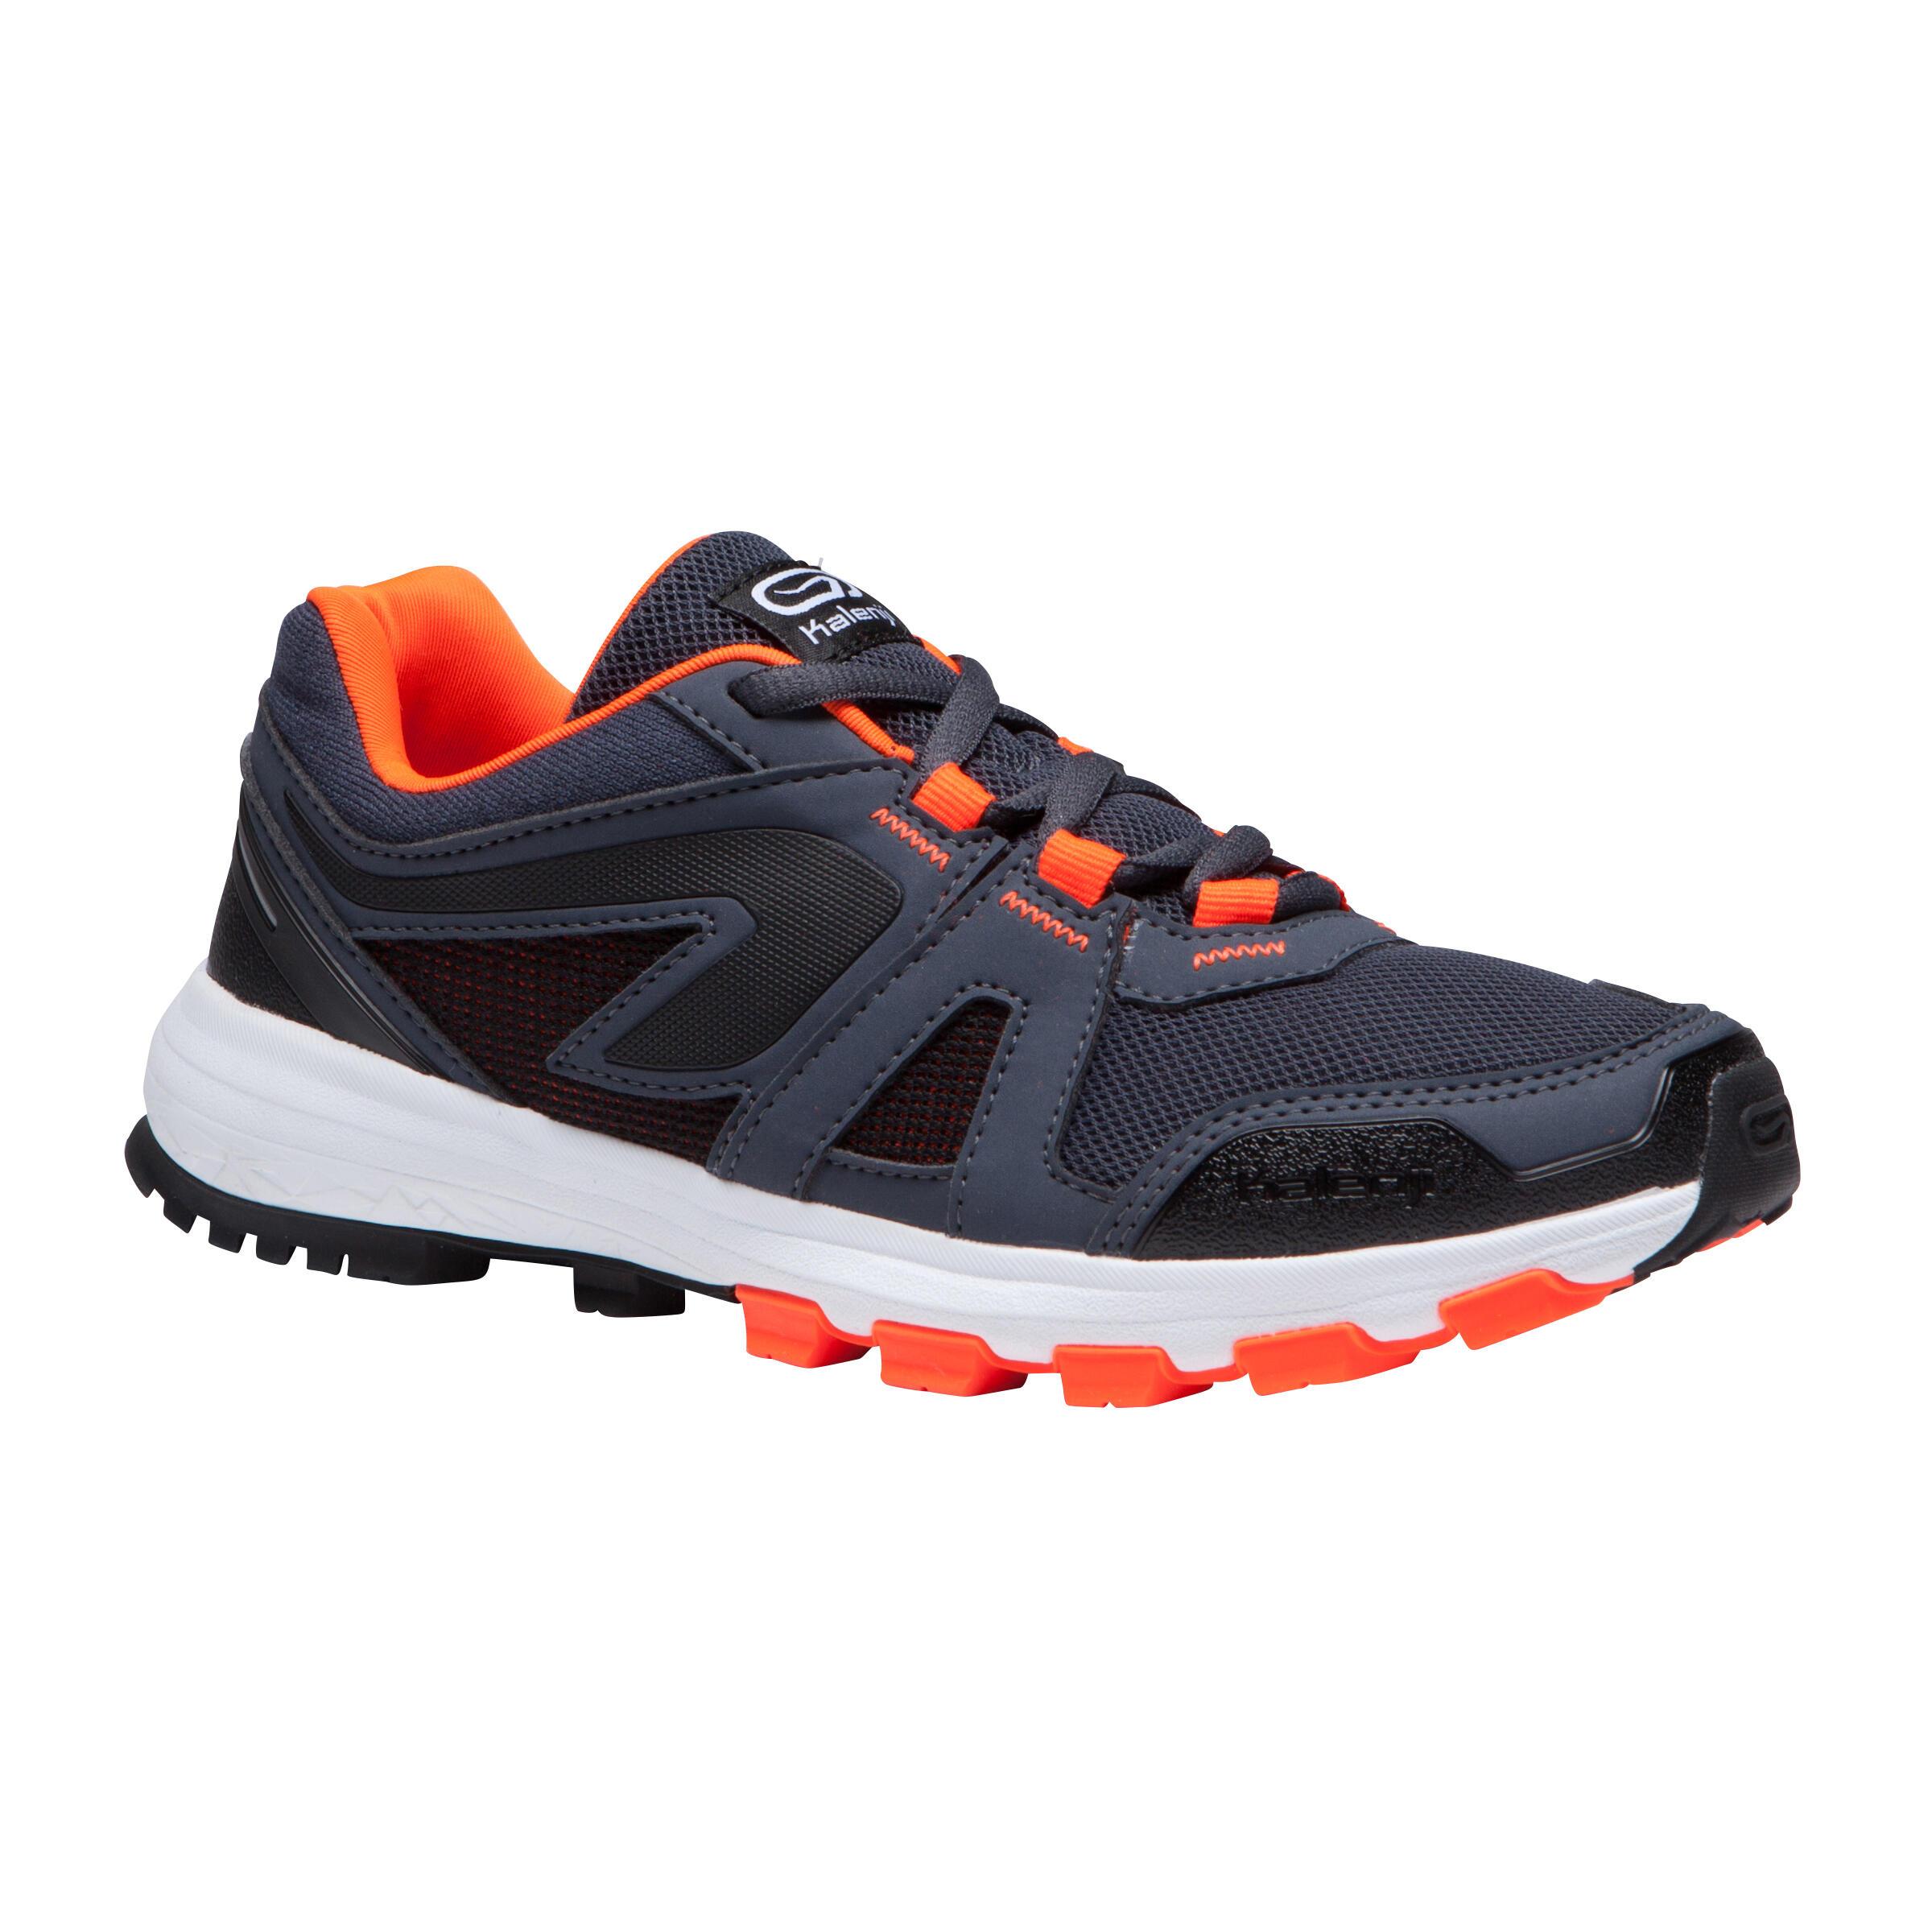 Kiprun Grip Children's Track & Field Shoes - Grey Black Neon Orange